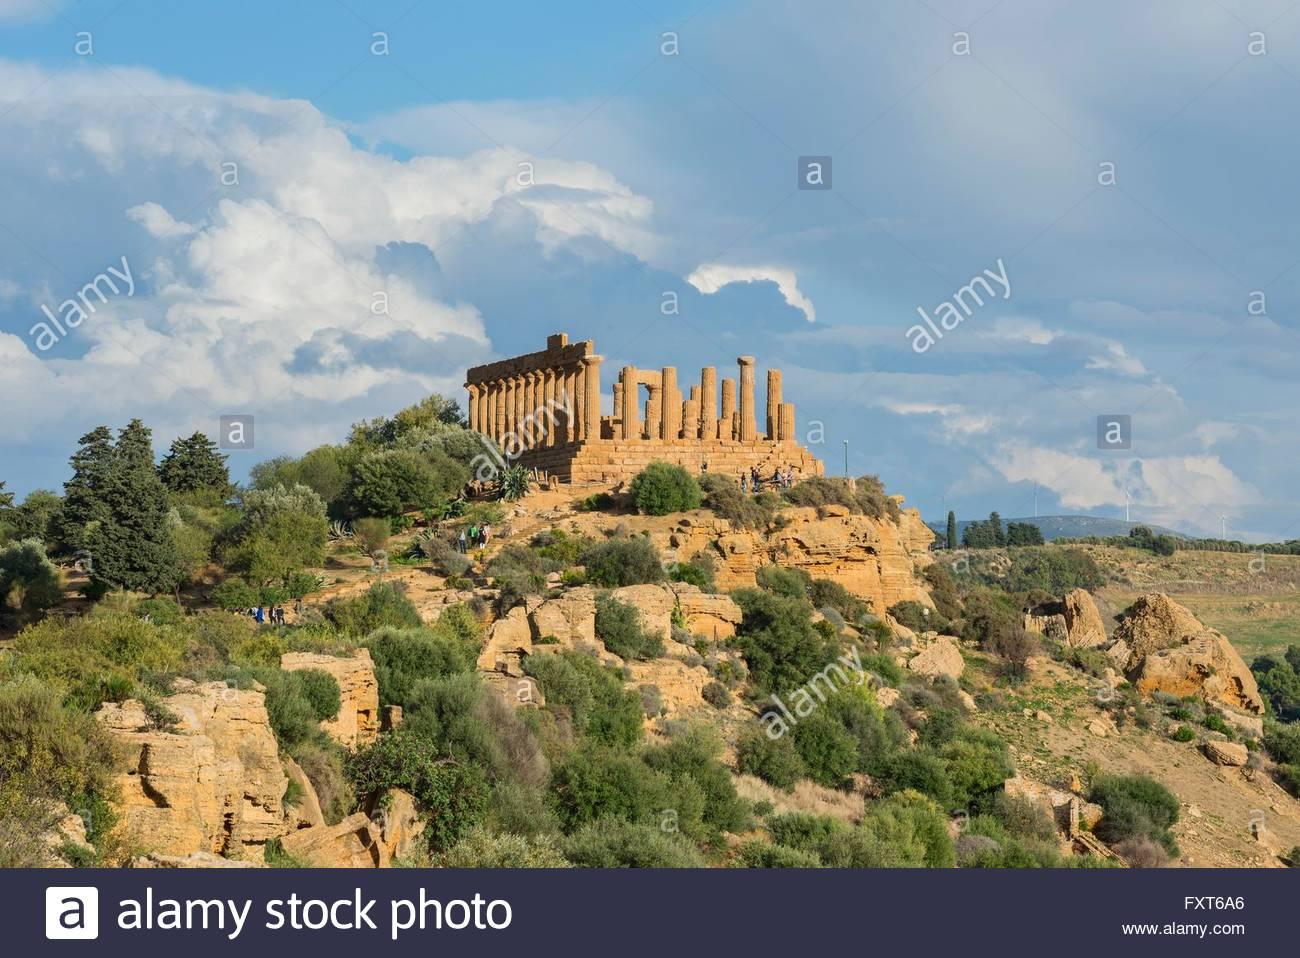 Tempio di Giunone sulla collina robusto, la Valle dei Templi, Agrigento, Sicilia, Italia Immagini Stock